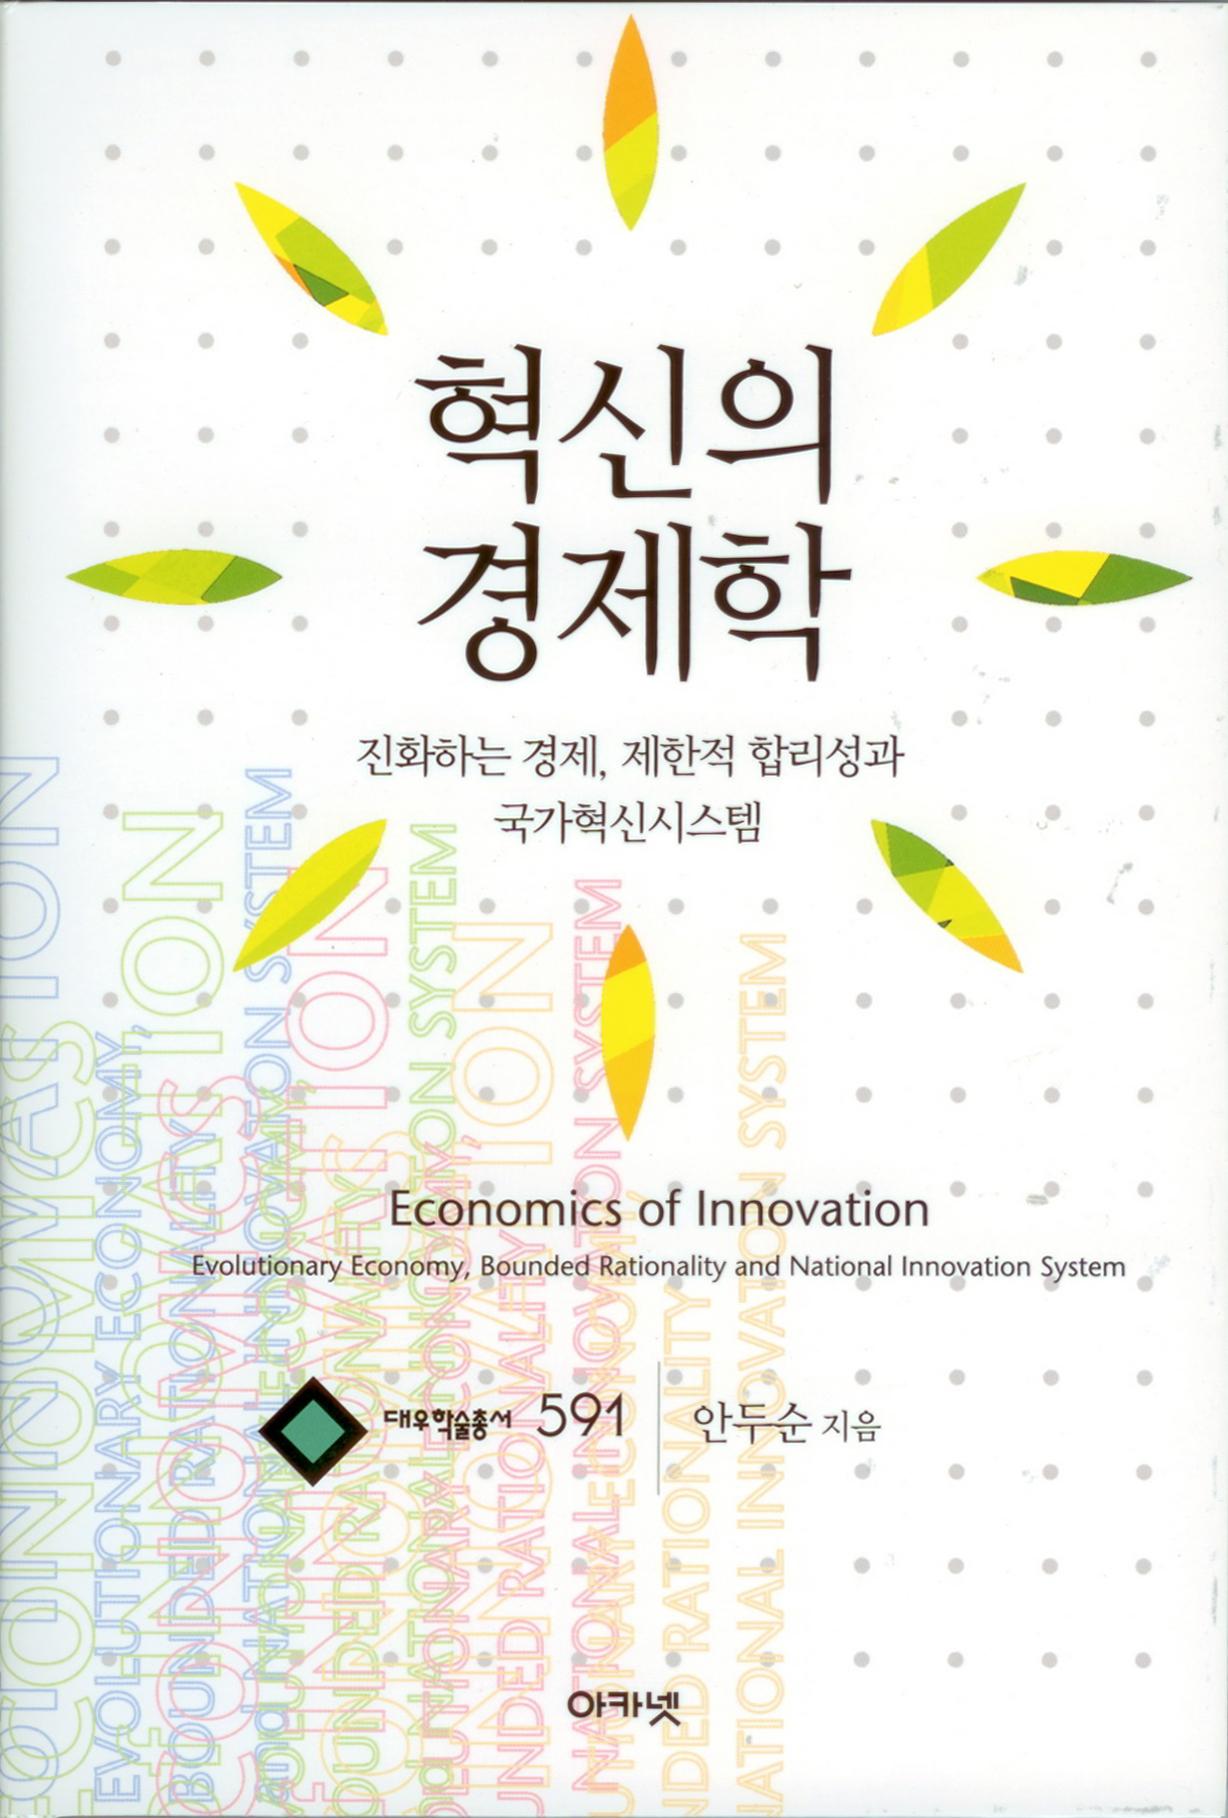 대우재단 대우학술총서 제591권 혁신의 경제학 written by 안두순 and published by 아카넷 in 2009